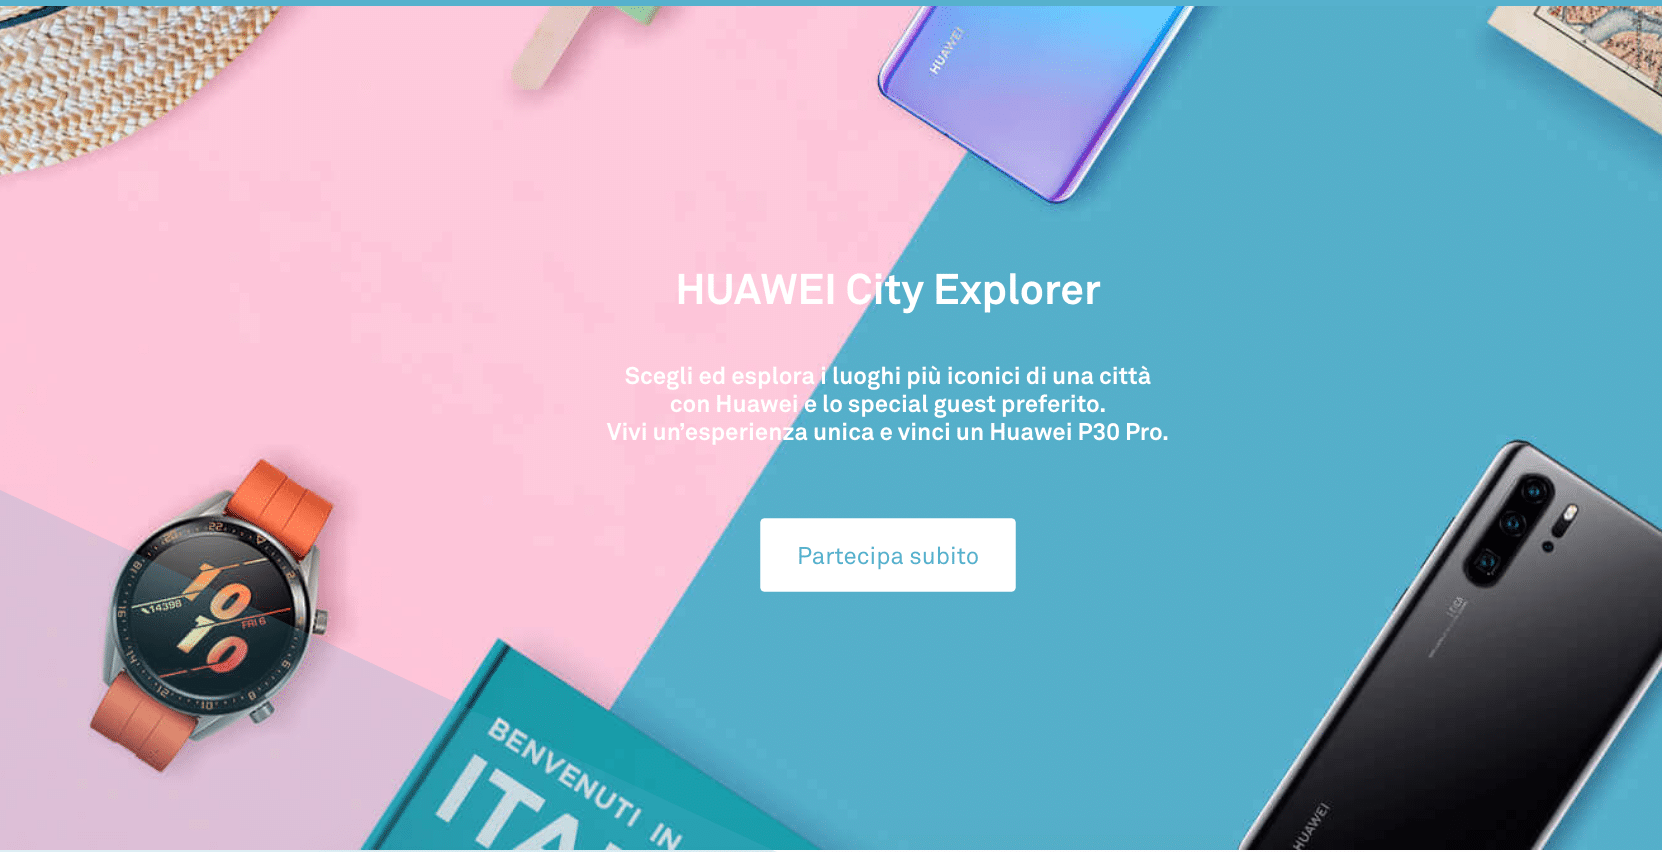 Huawei City Explorer: ecco il nuovo contest fotografico thumbnail